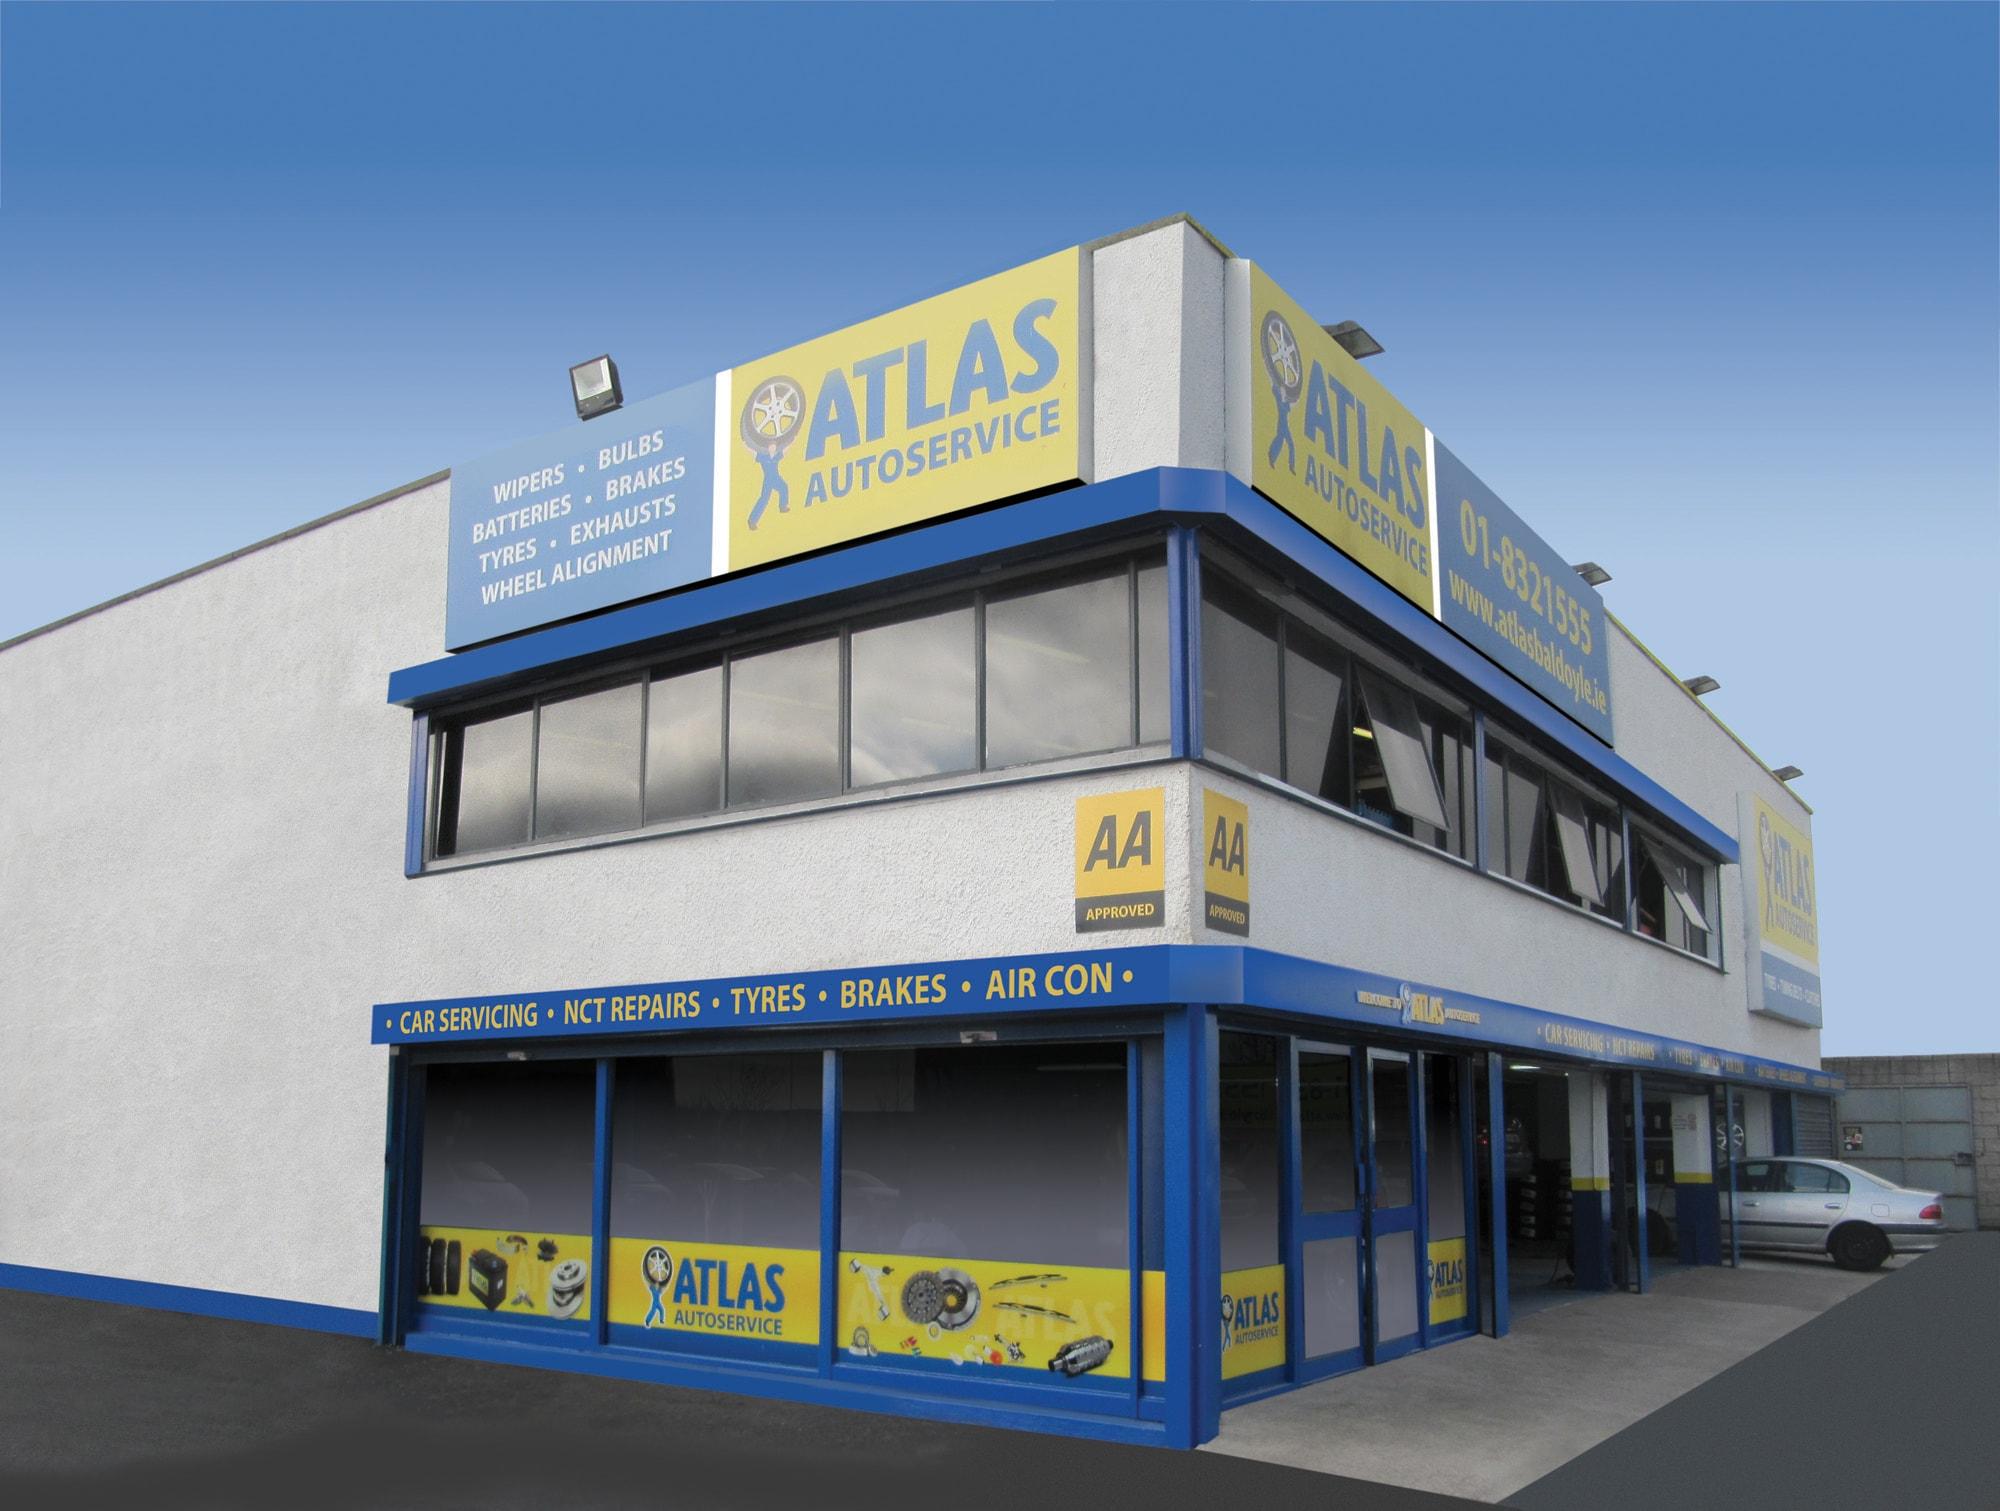 Atlas Car Service Baldoyle